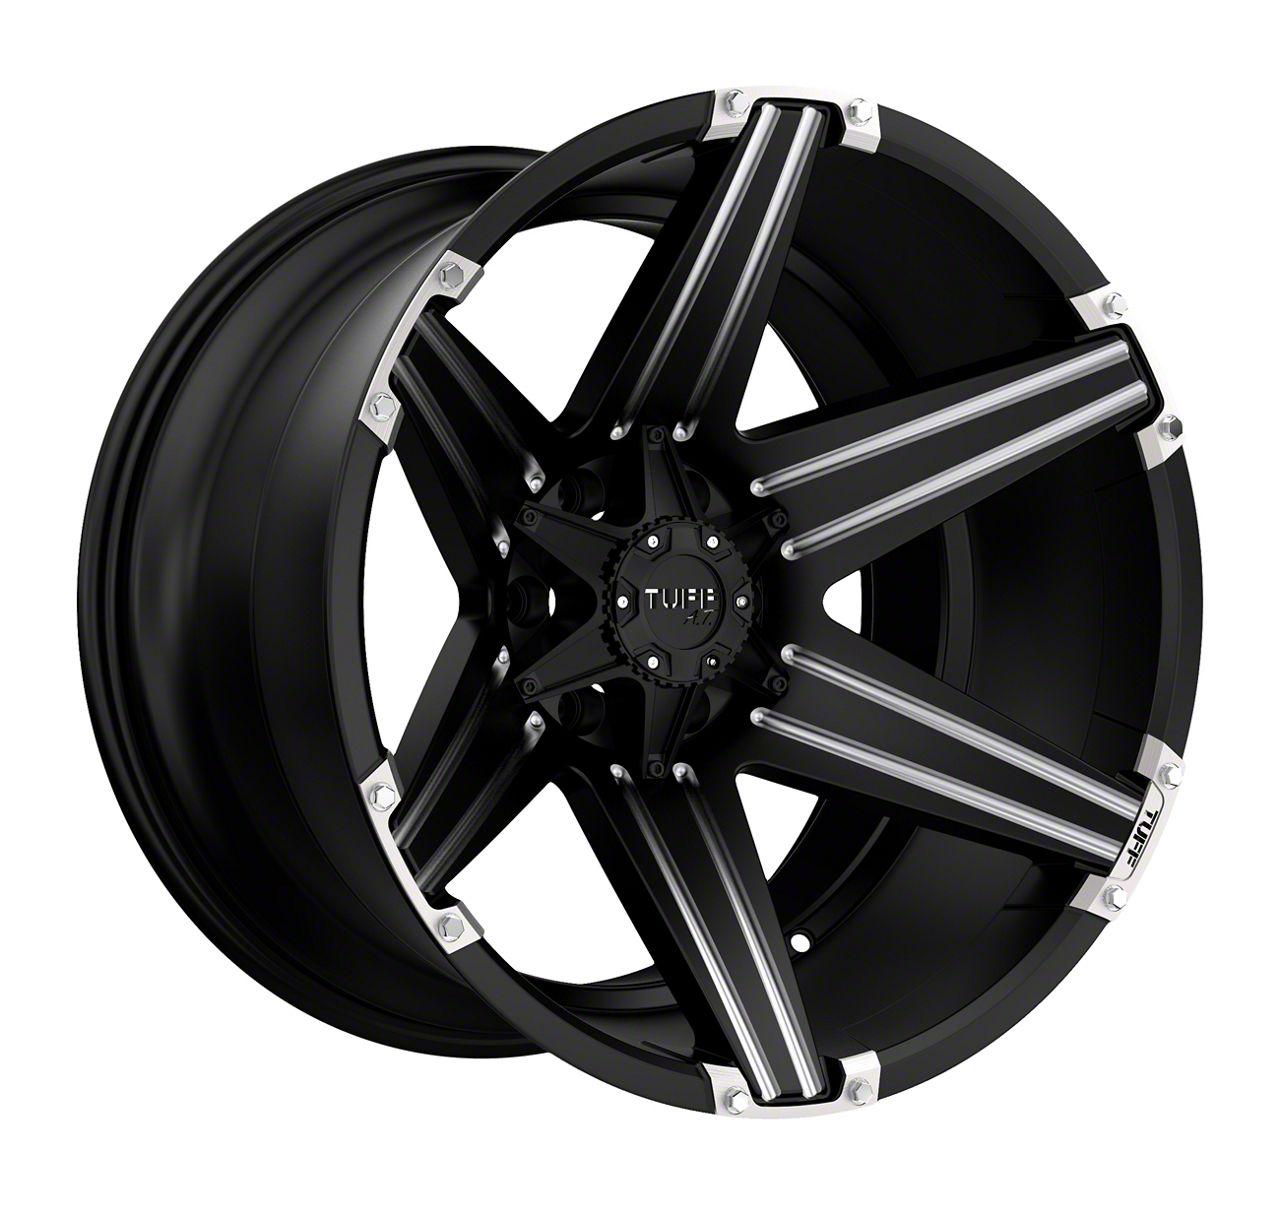 Tuff A.T. T12 Satin Black Milled w/ Brushed Inserts Wheel - 22x12 (87-06 Jeep Wrangler YJ & TJ)